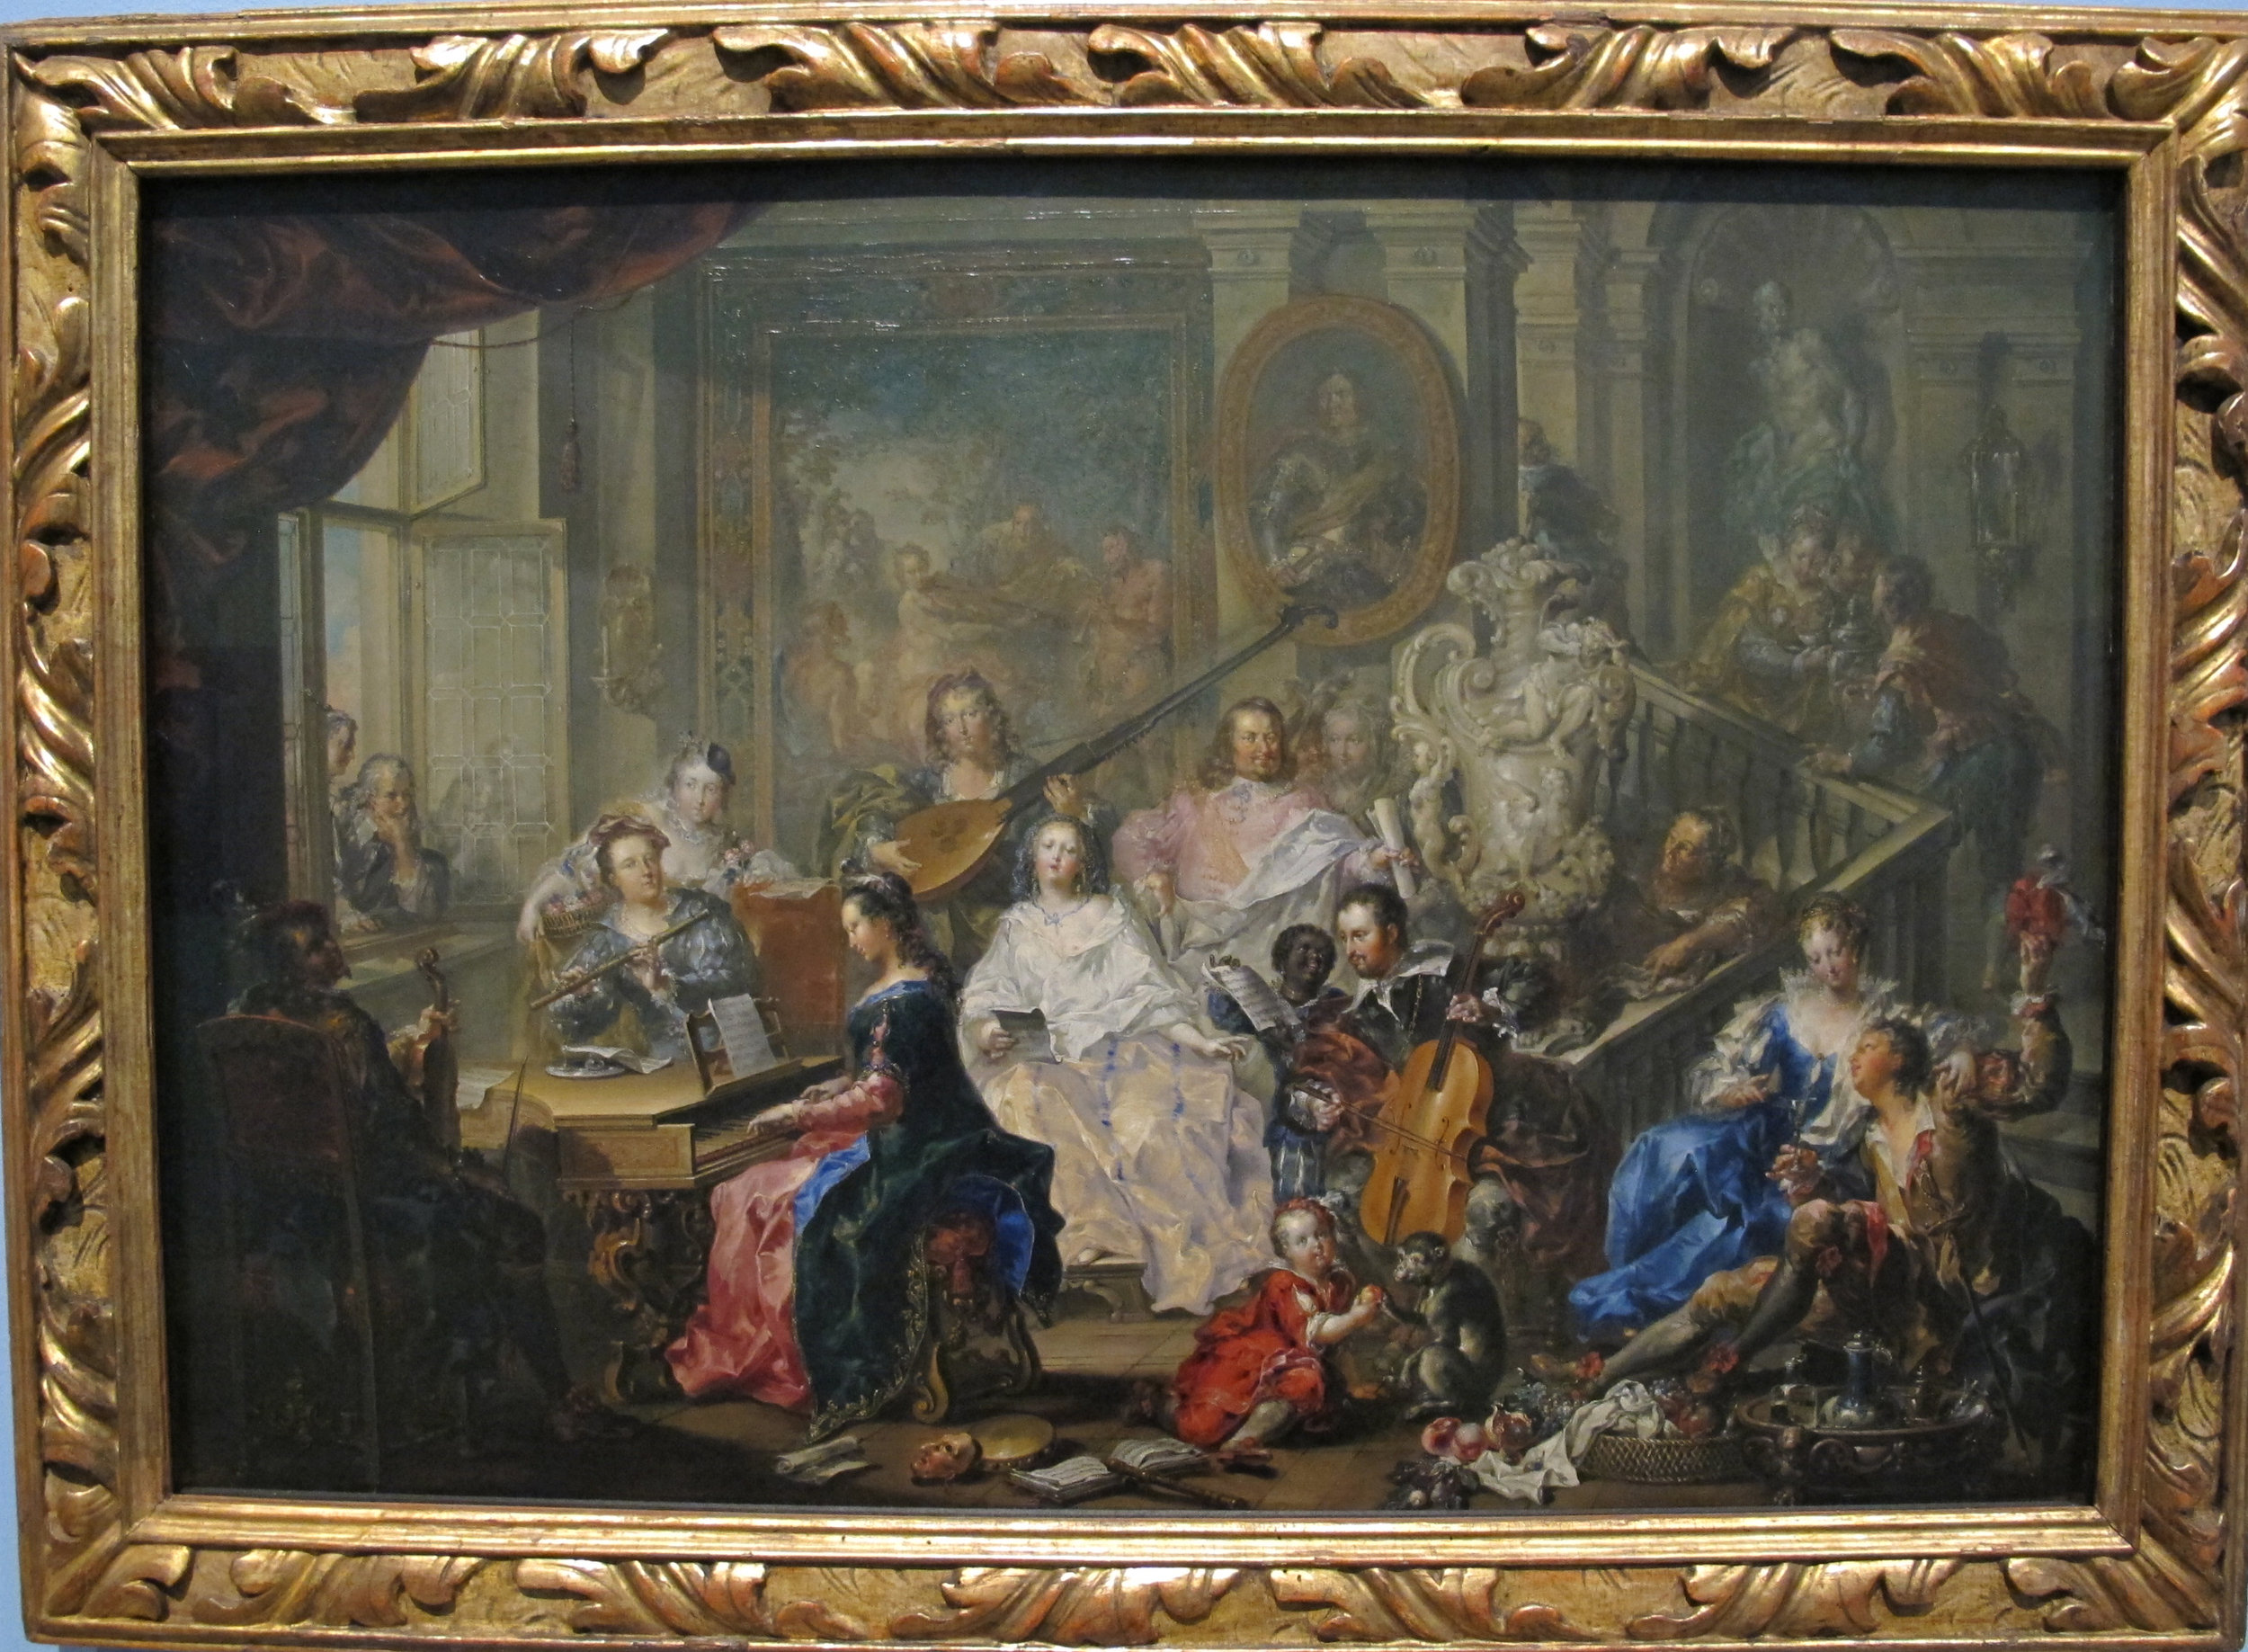 Johann georg platzer, il concerto, vienna, 1750